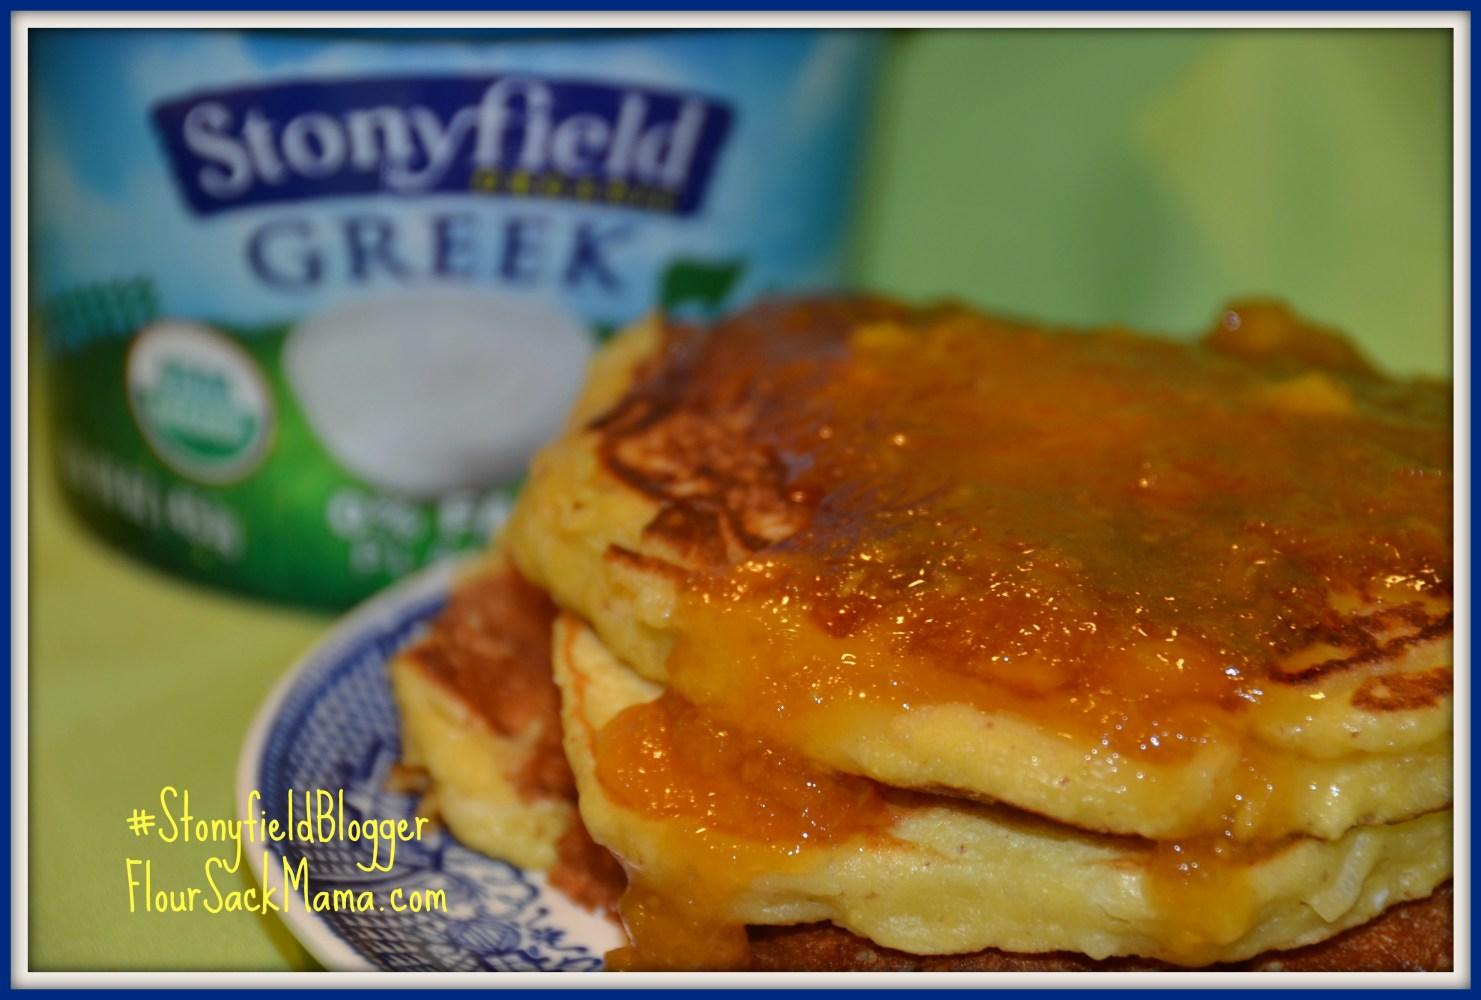 PancakesStonyfieldGreekFlourSackMama